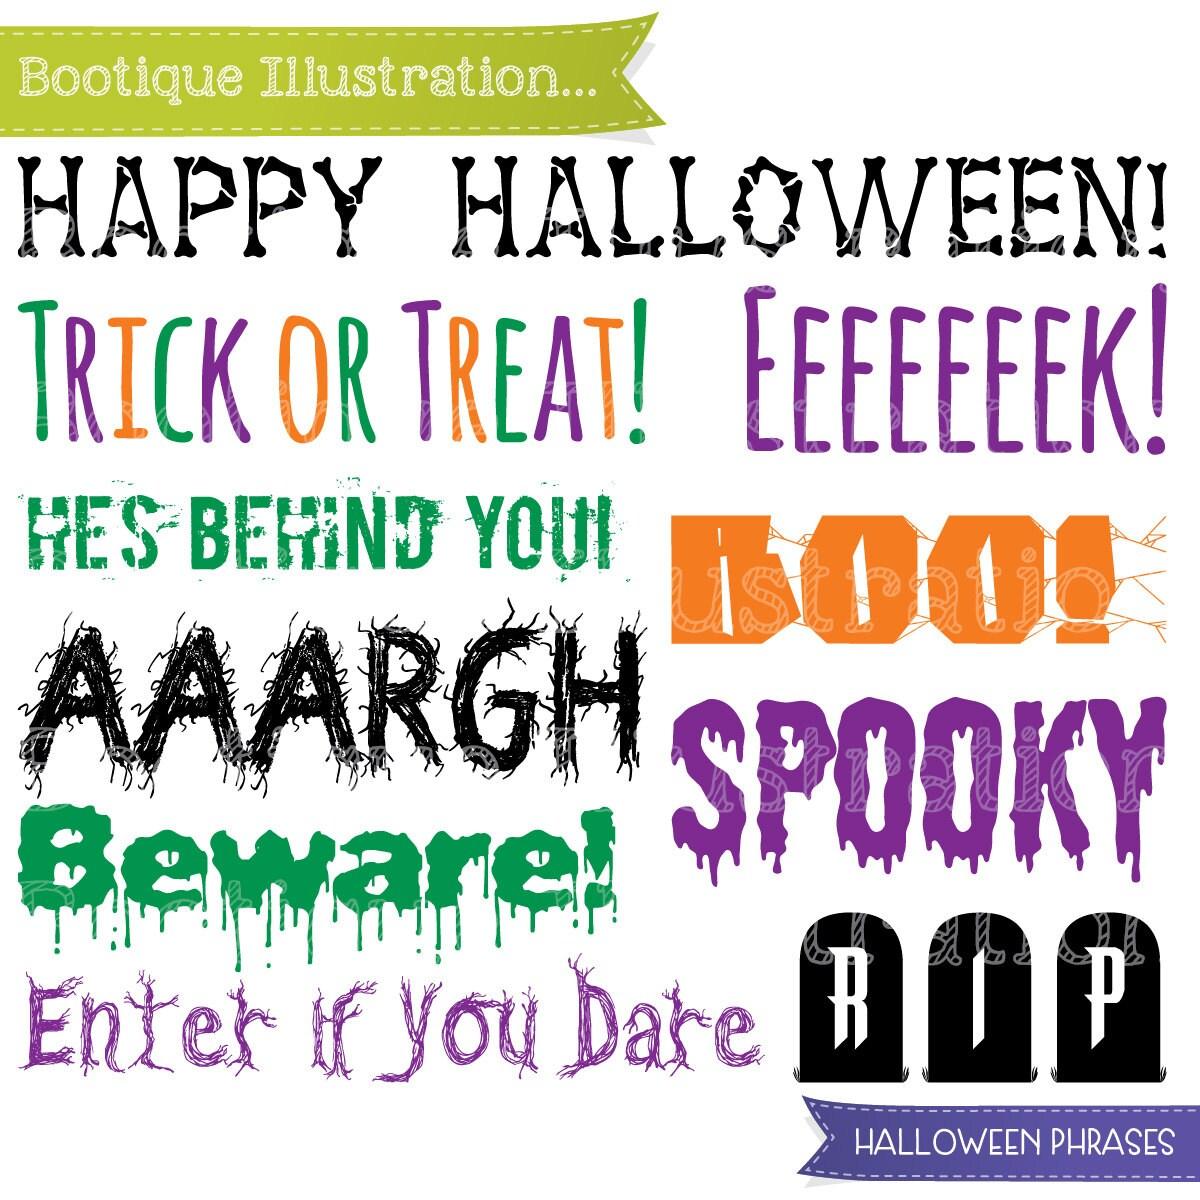 halloween phrases clipart halloween clip art boo trick or treat happy halloween clipart spooky vectors halloween digital beware